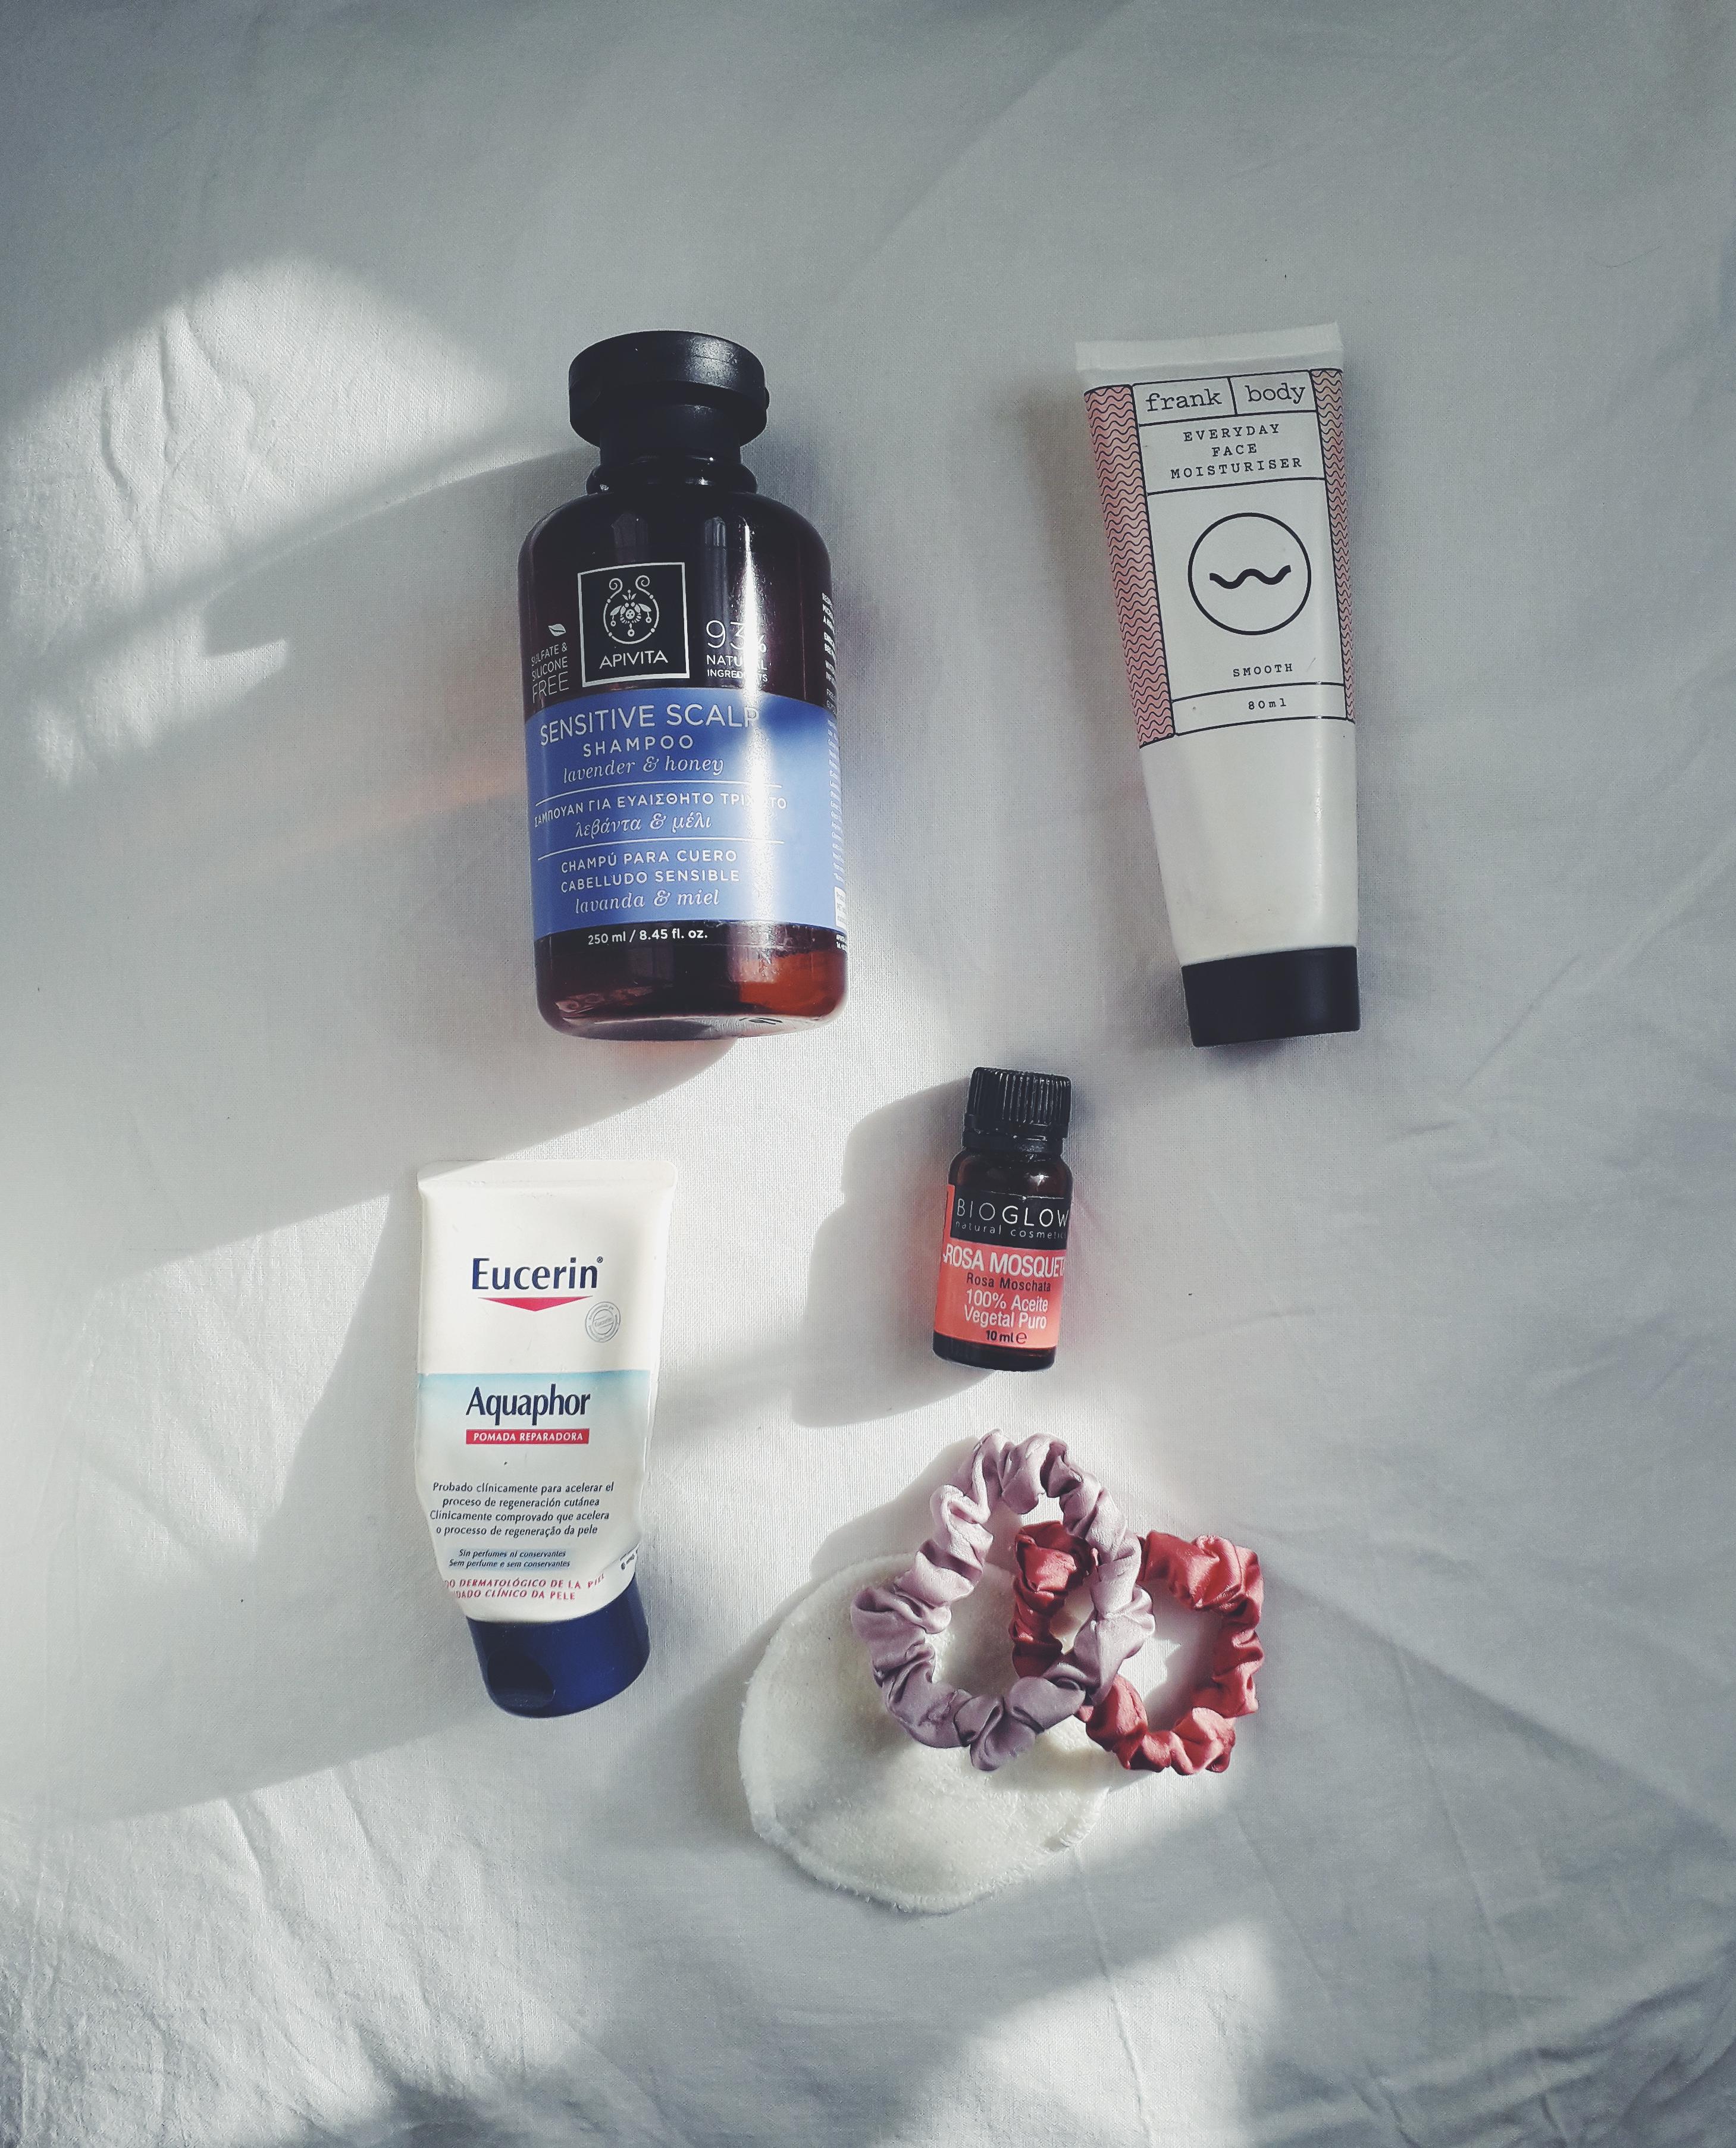 empties apivita eucerin frank body skincare